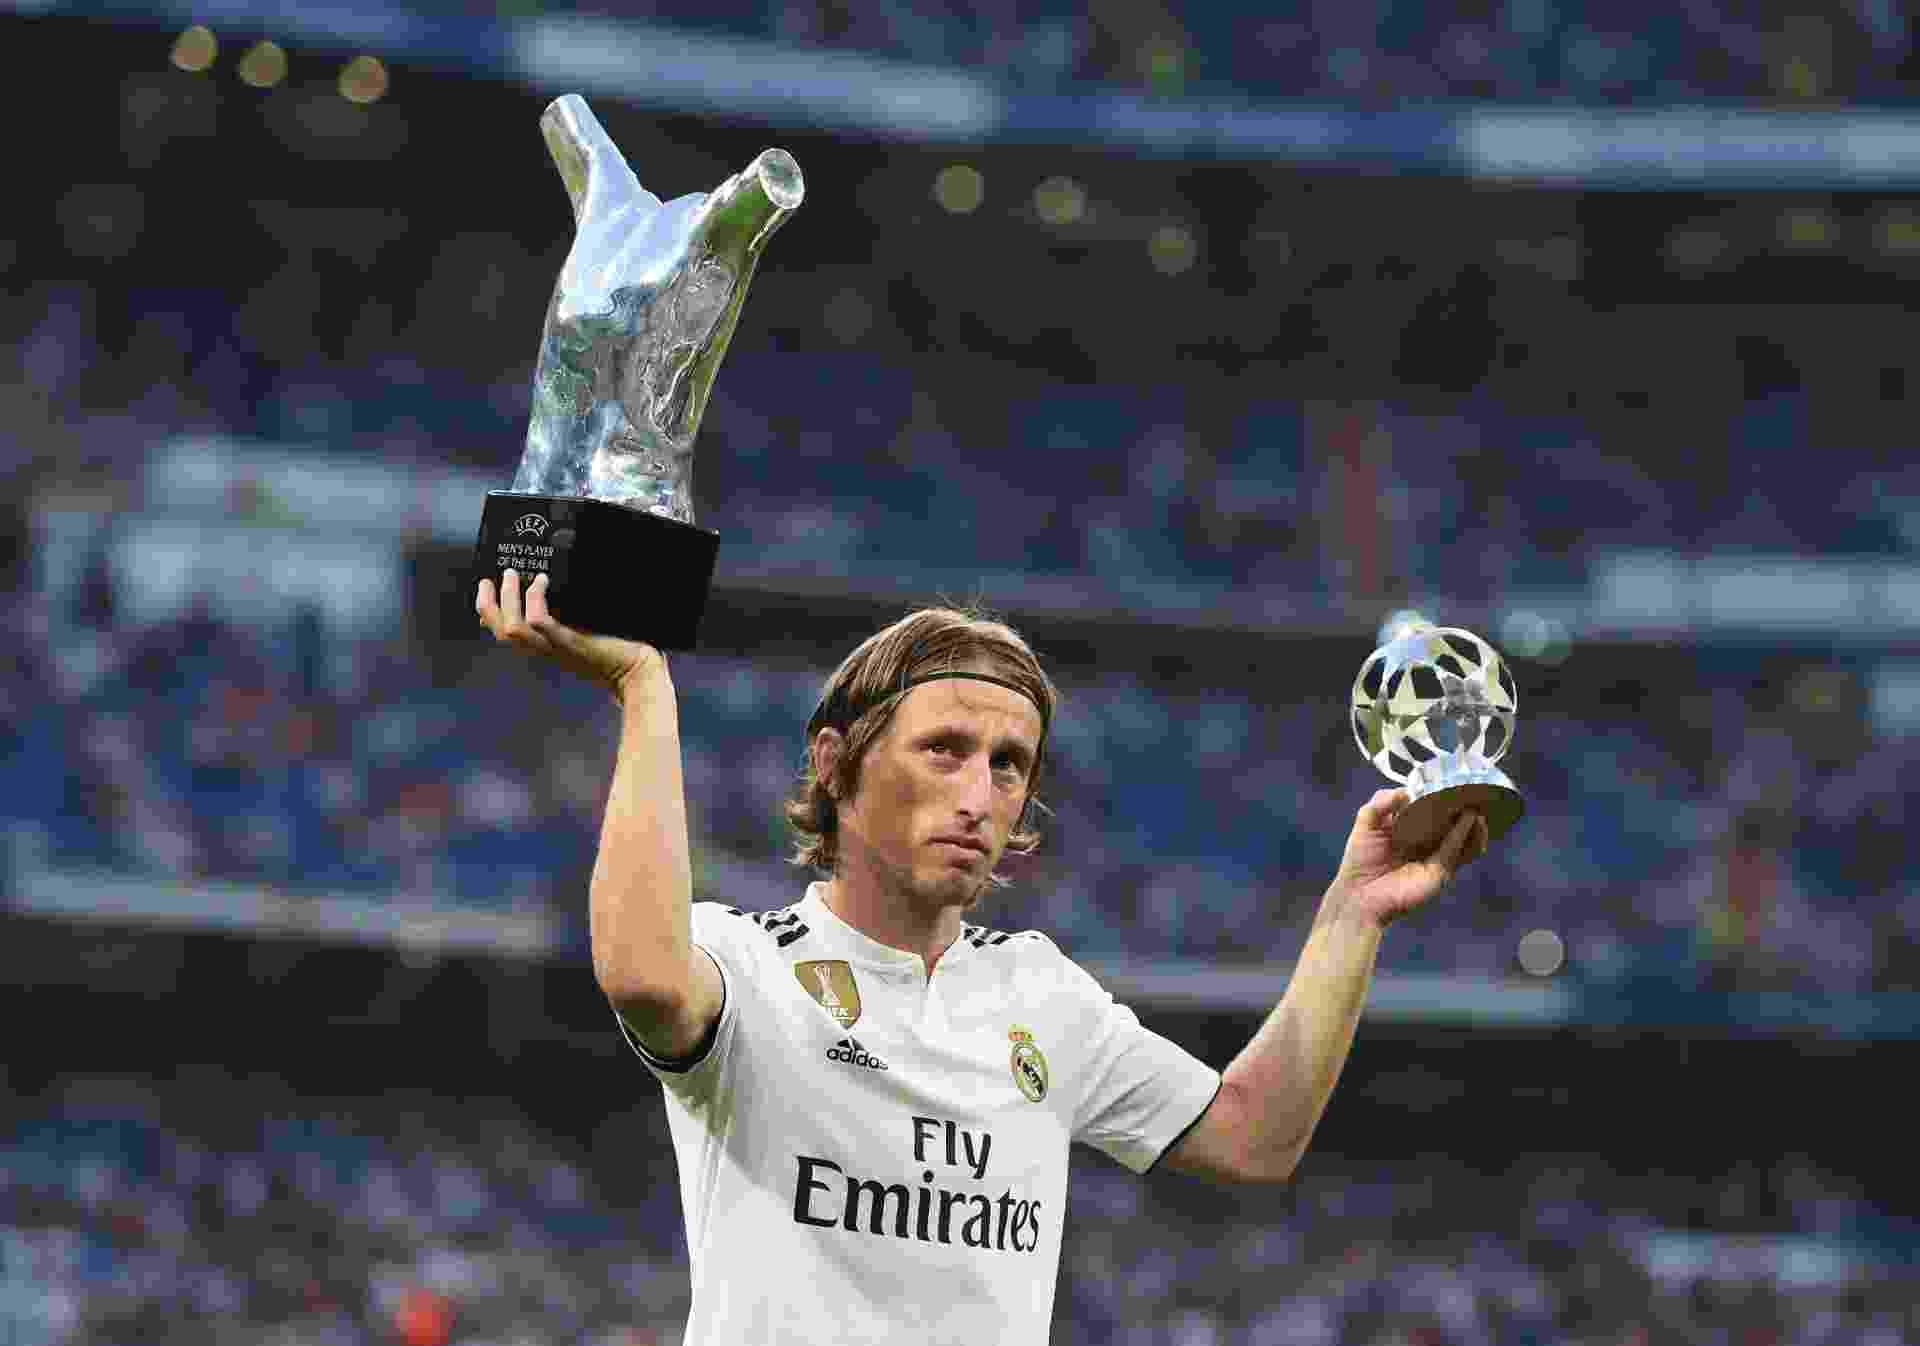 Luka Modric mostra seus prêmios individuais e é saudado pelo Santiago Bernabéu - Denis Doyle/Getty Images